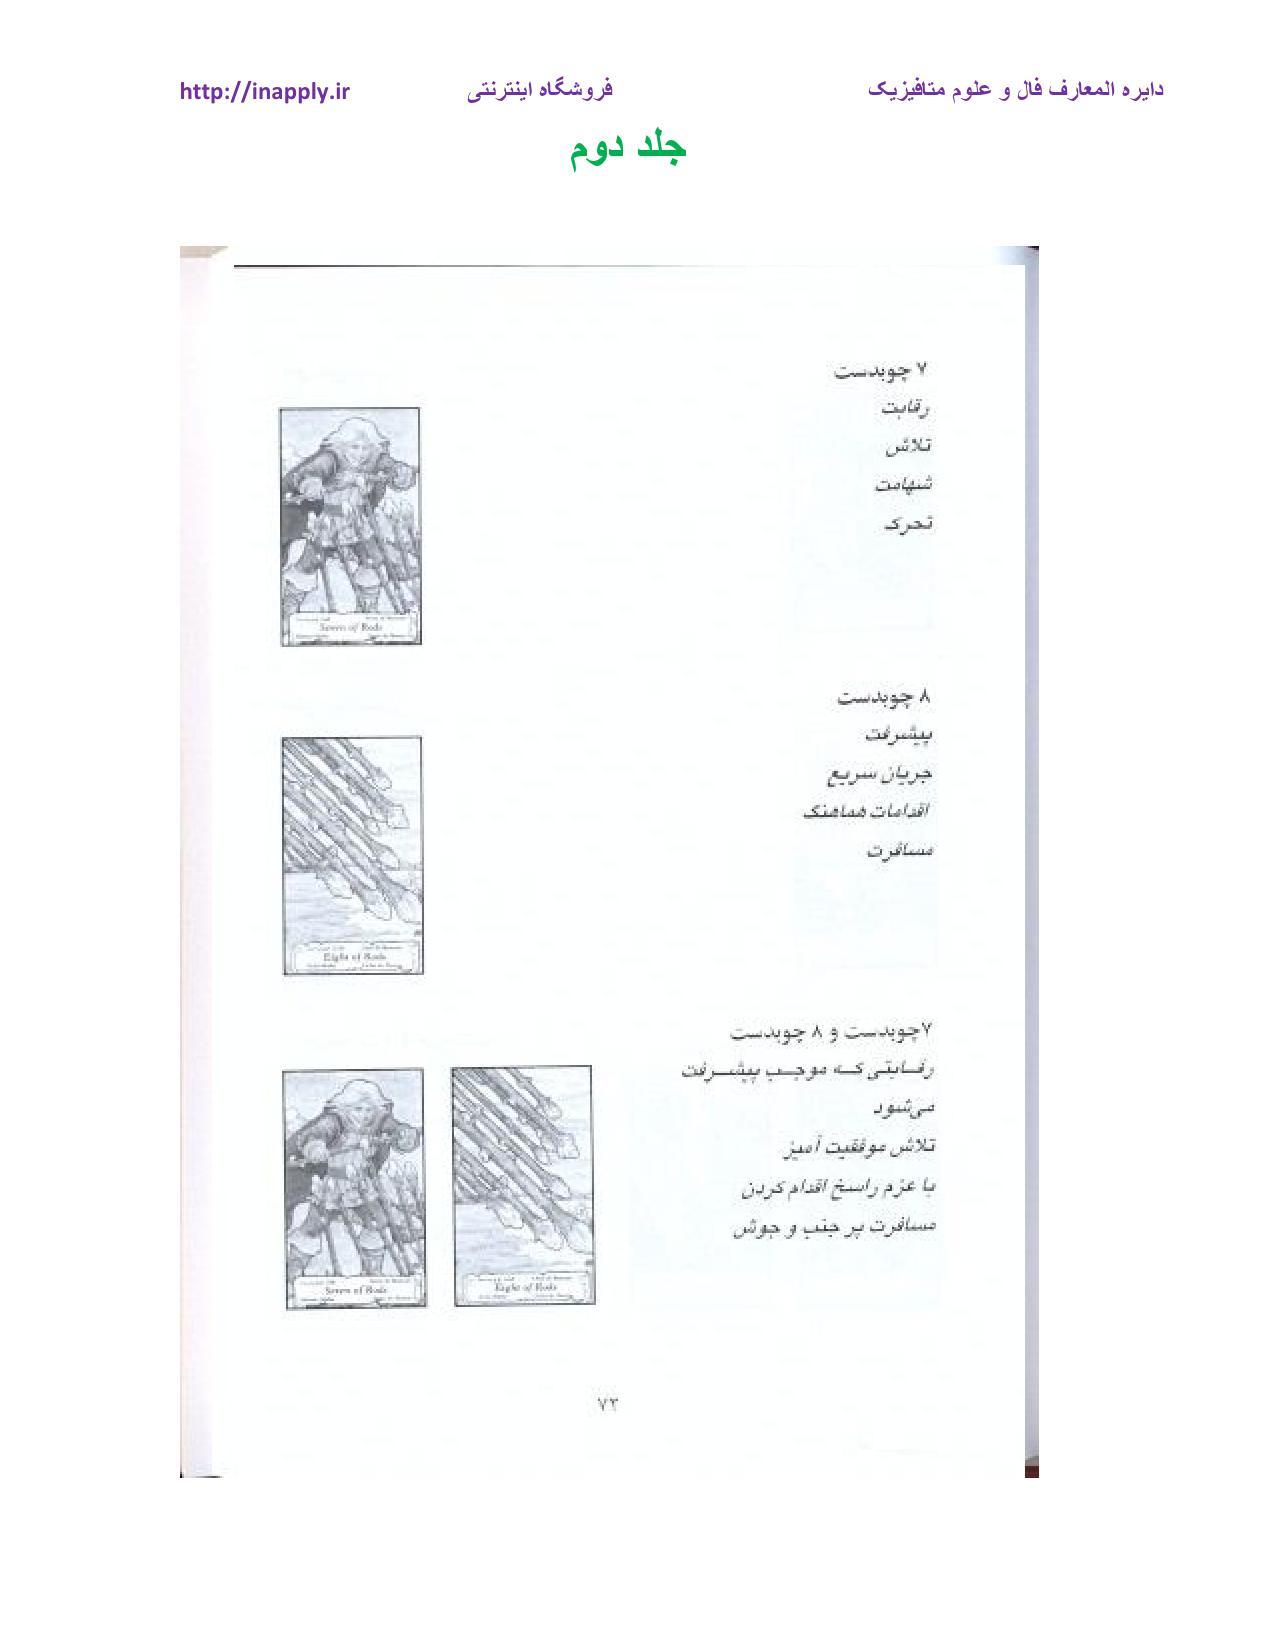 taroot kabir 2_000001